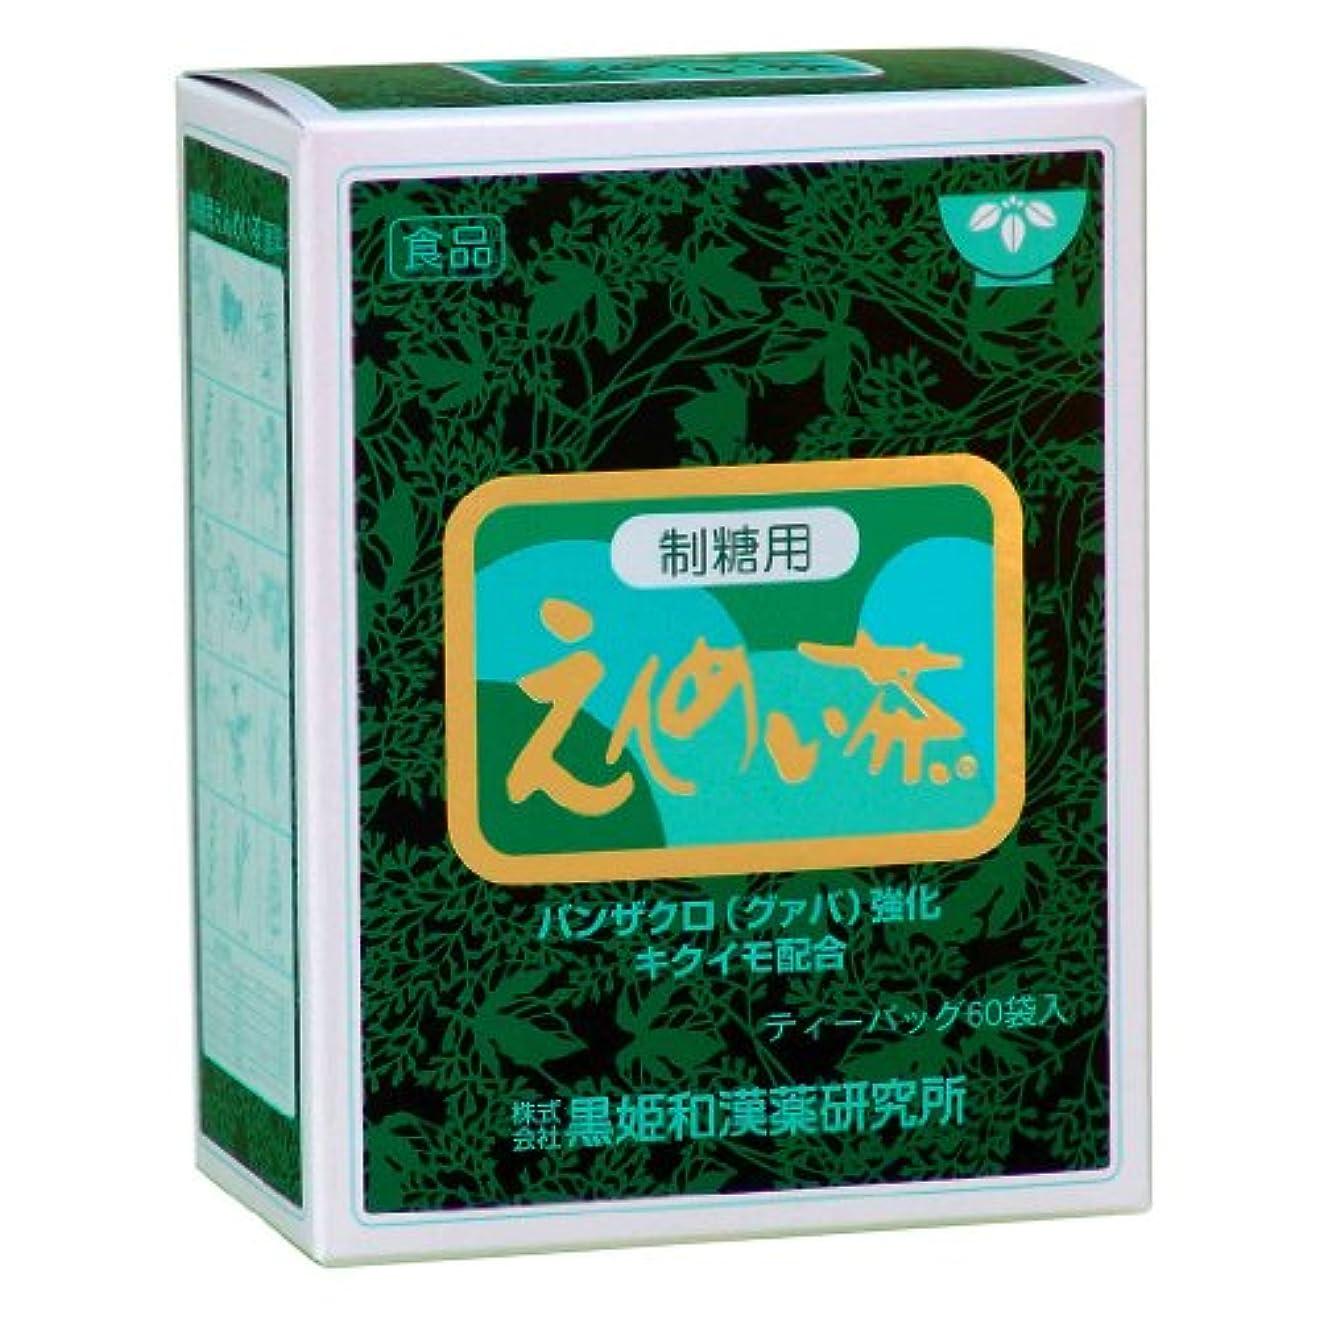 マングル遺体安置所あごユニマットリケン 黒姫えんめい茶制糖用 5gx60包